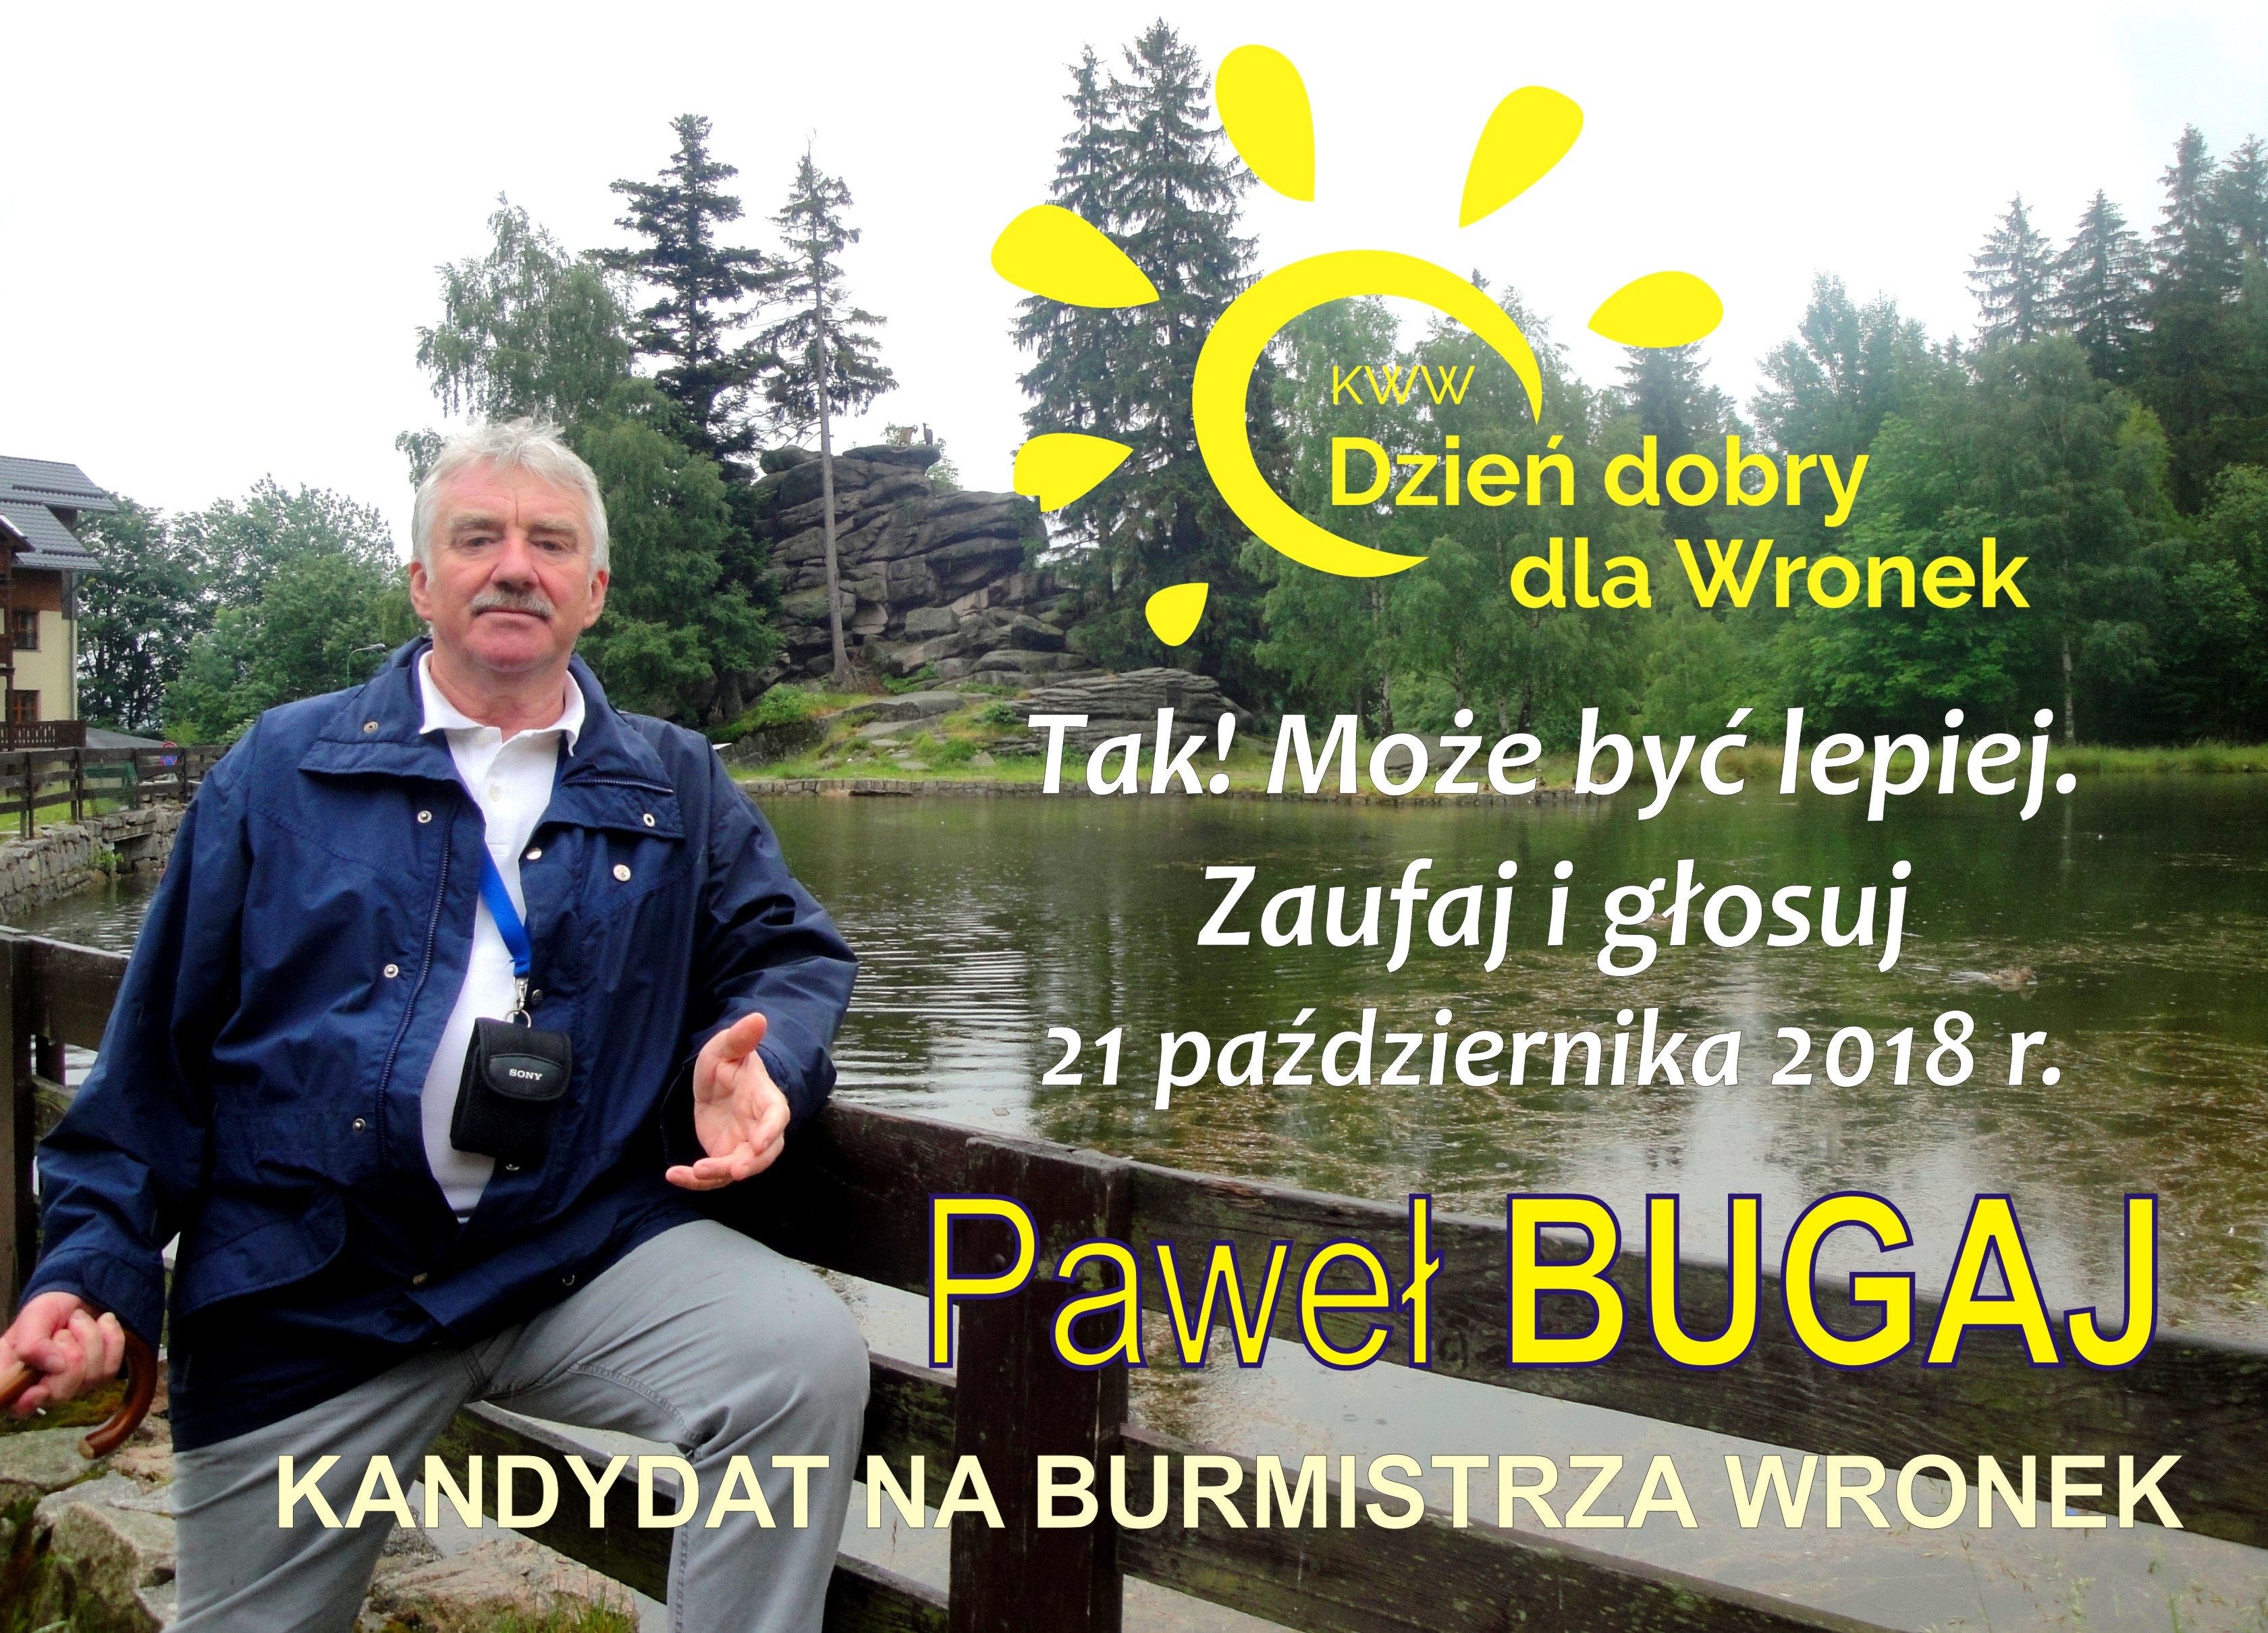 Paweł Bugaj - KWW Dzień dobry dla Wronek